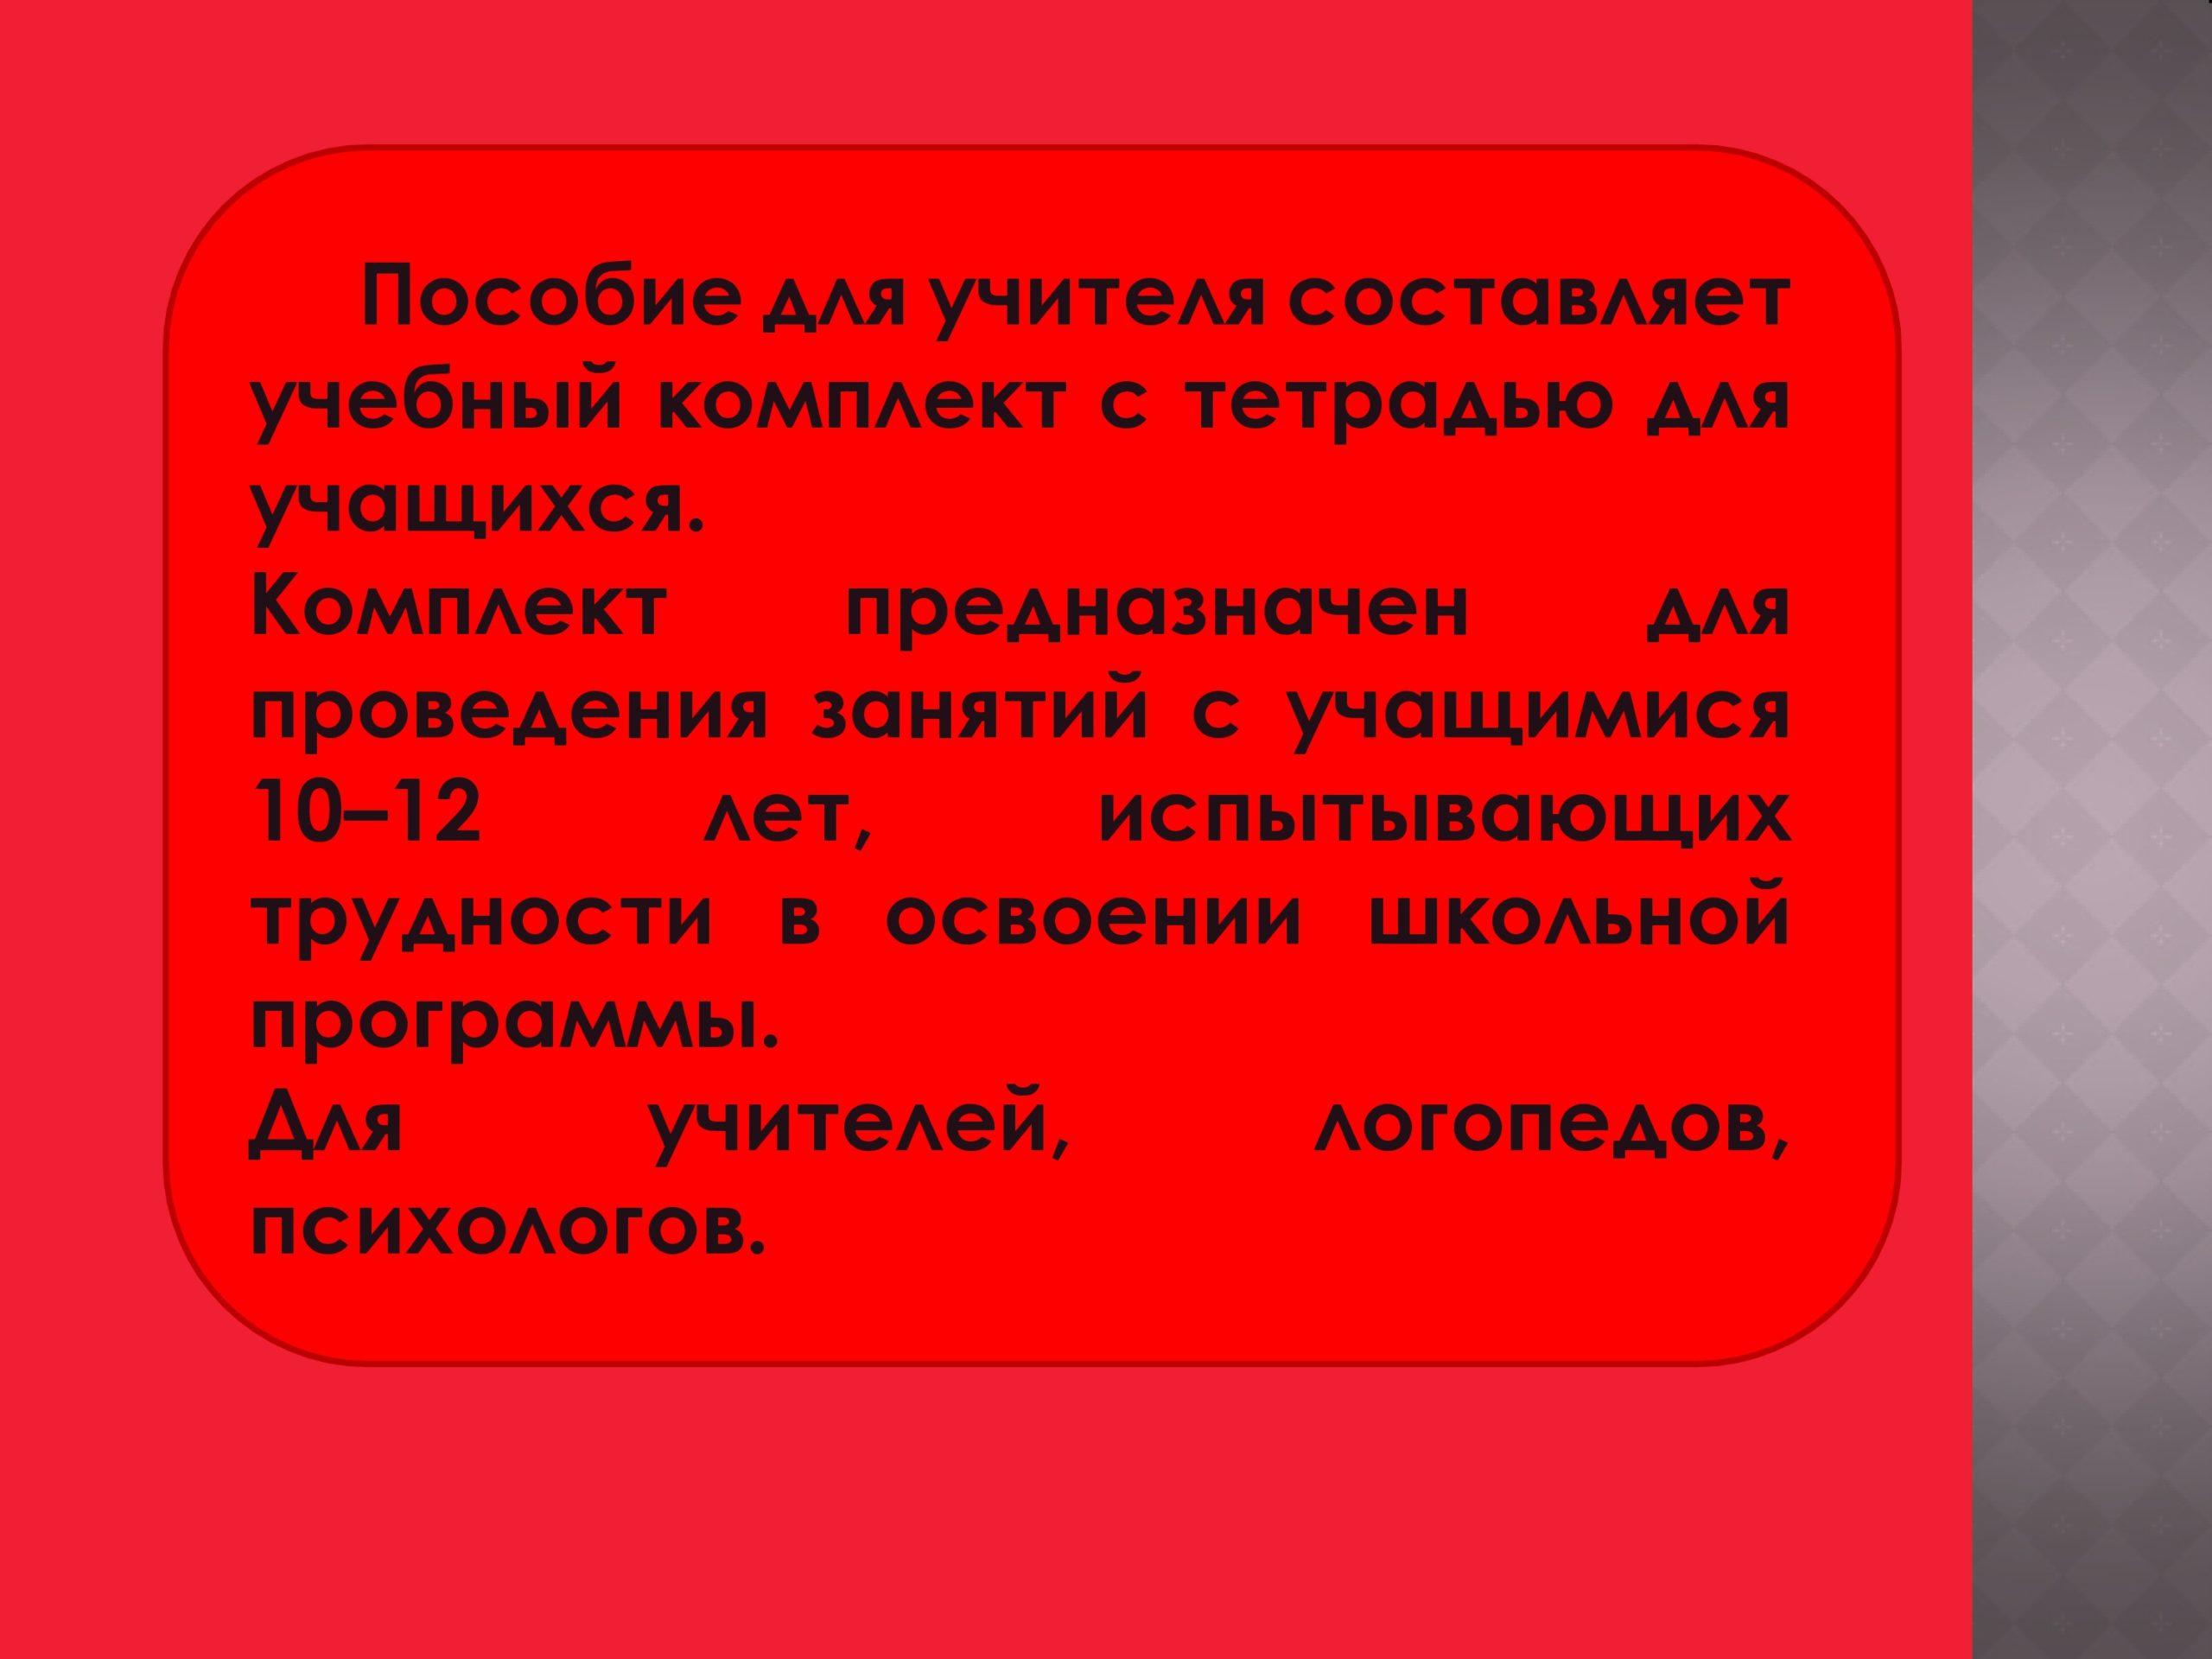 p1e5dmbmd61fj1rdg16fm1rtl1k8t4-2